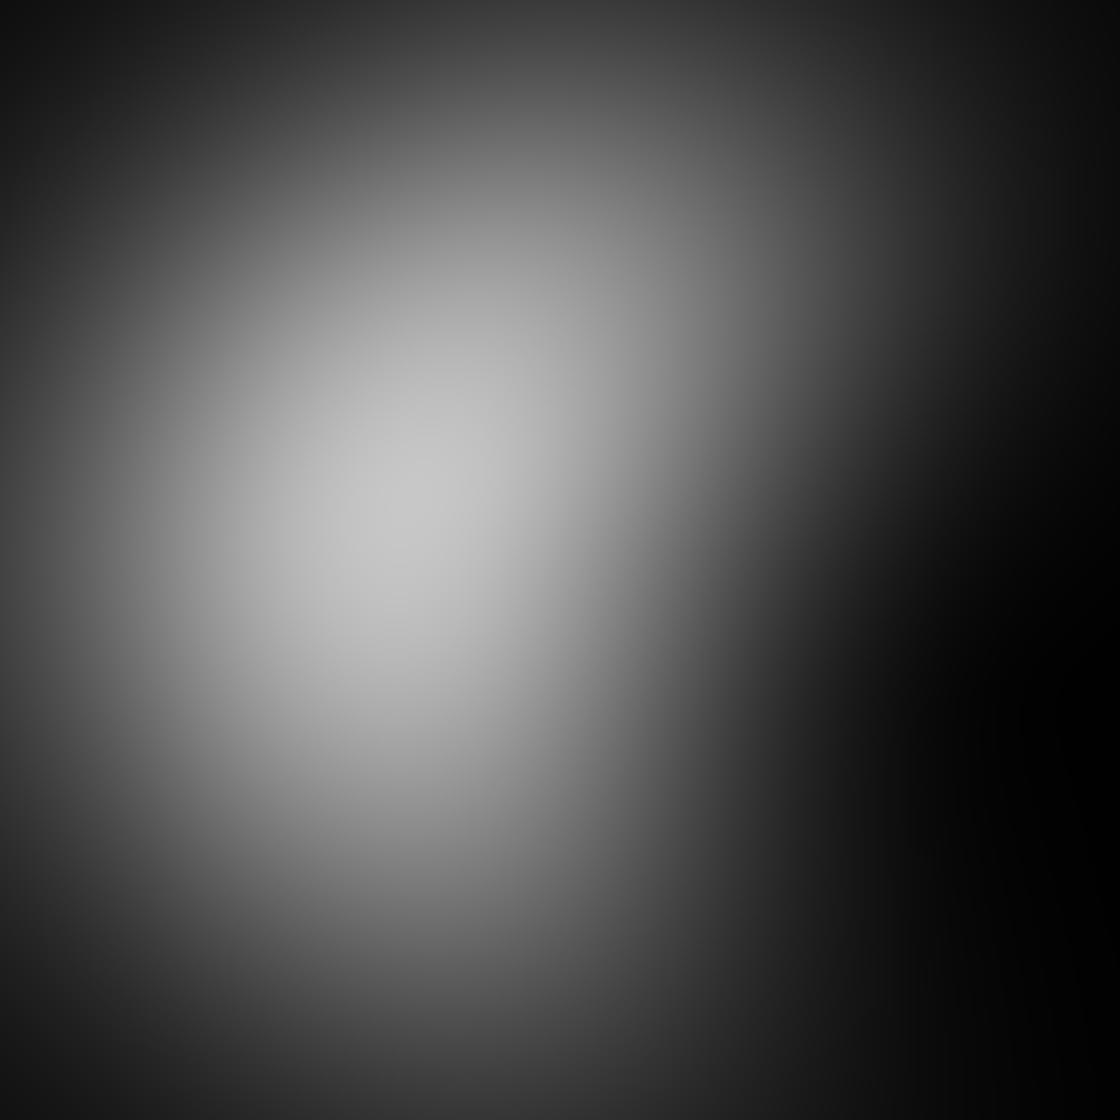 Artificial Light iPhone Photos 10